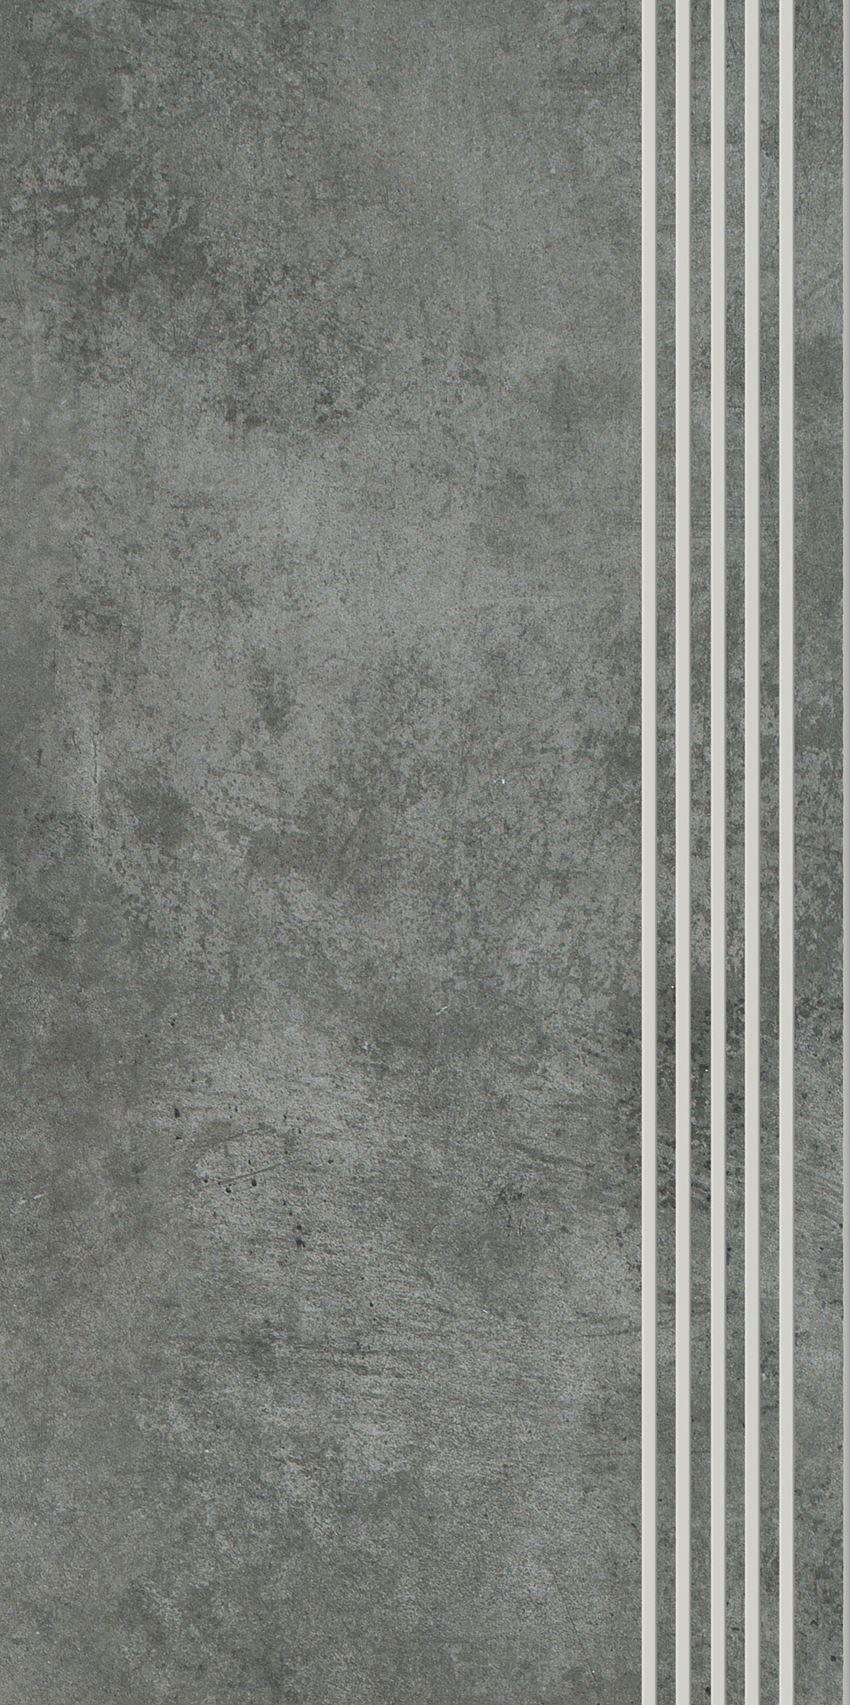 Płytka stopnicowa 29,8x59,8 cm Paradyż Scratch Nero Stopnica Prosta Nacinana Półpoler